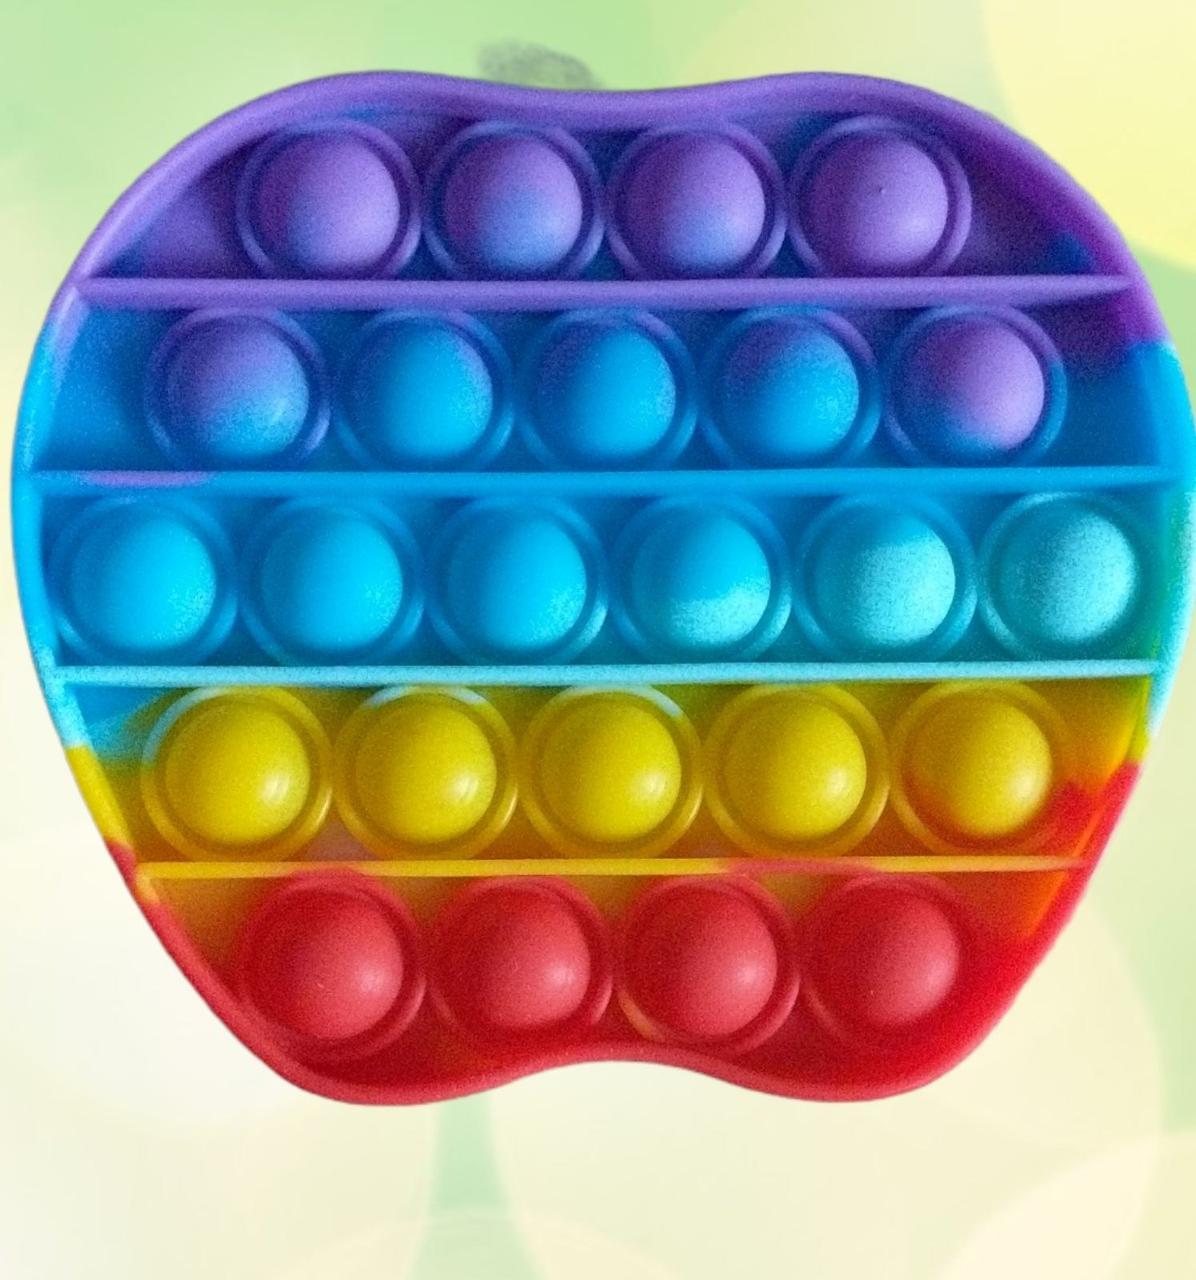 Сенсорна силіконова іграшка пупырка антистрес поп іт фиджет яблучко райдужне